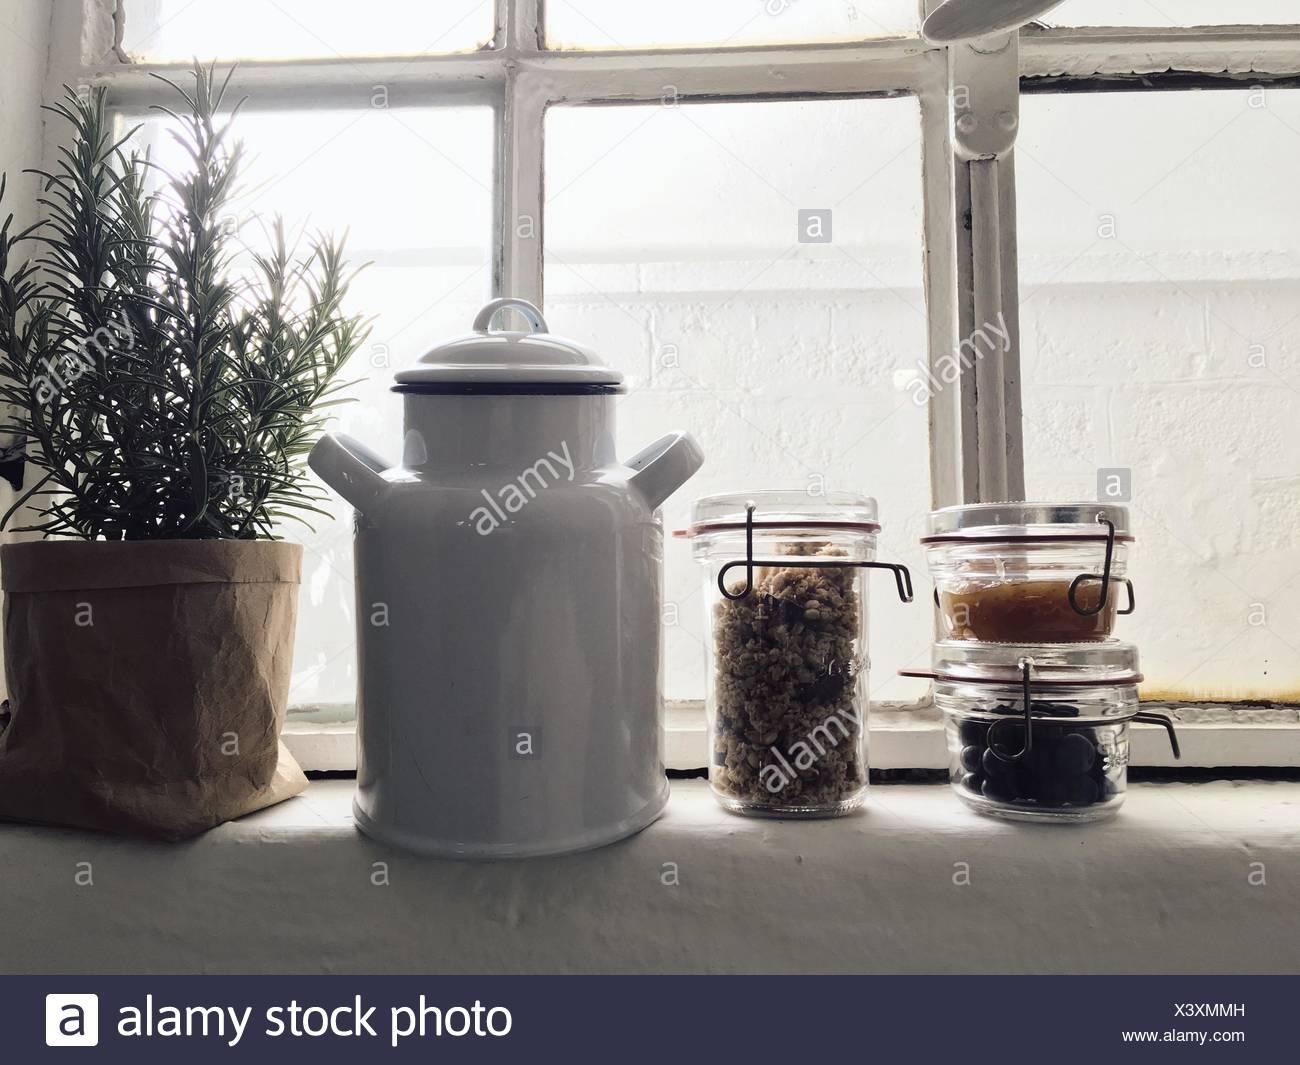 Kitchen Utensils On Window Sill - Stock Image